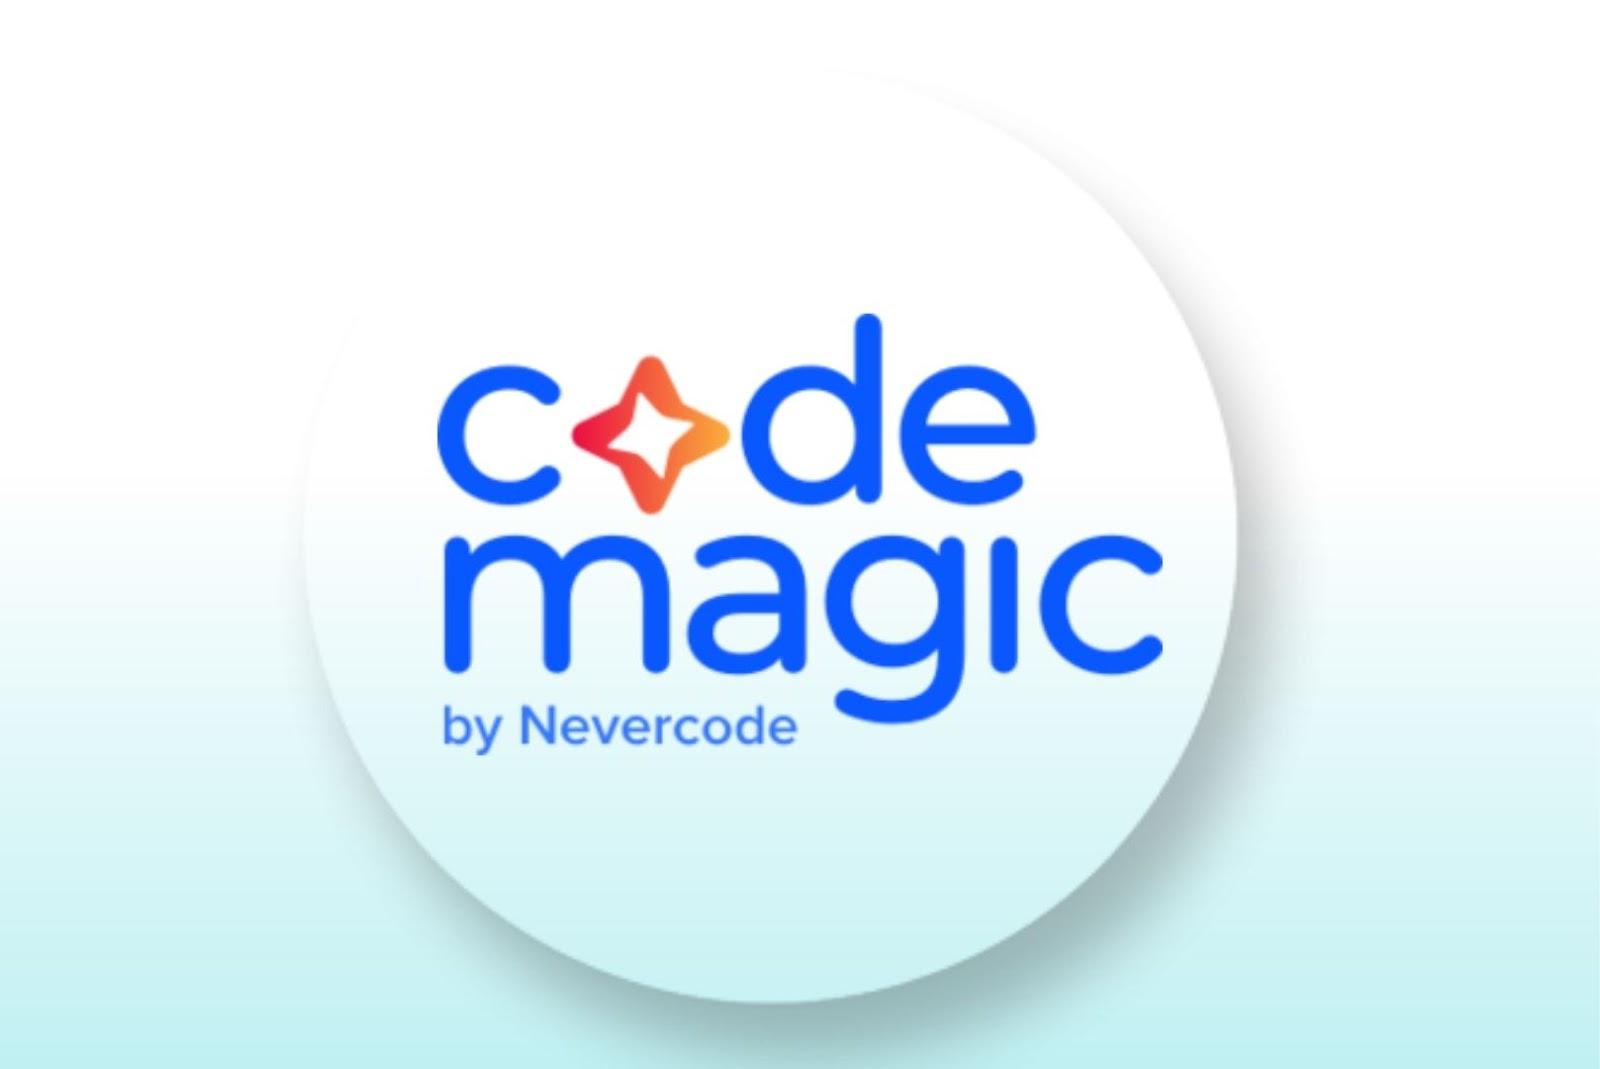 Code magic flutter app development tools